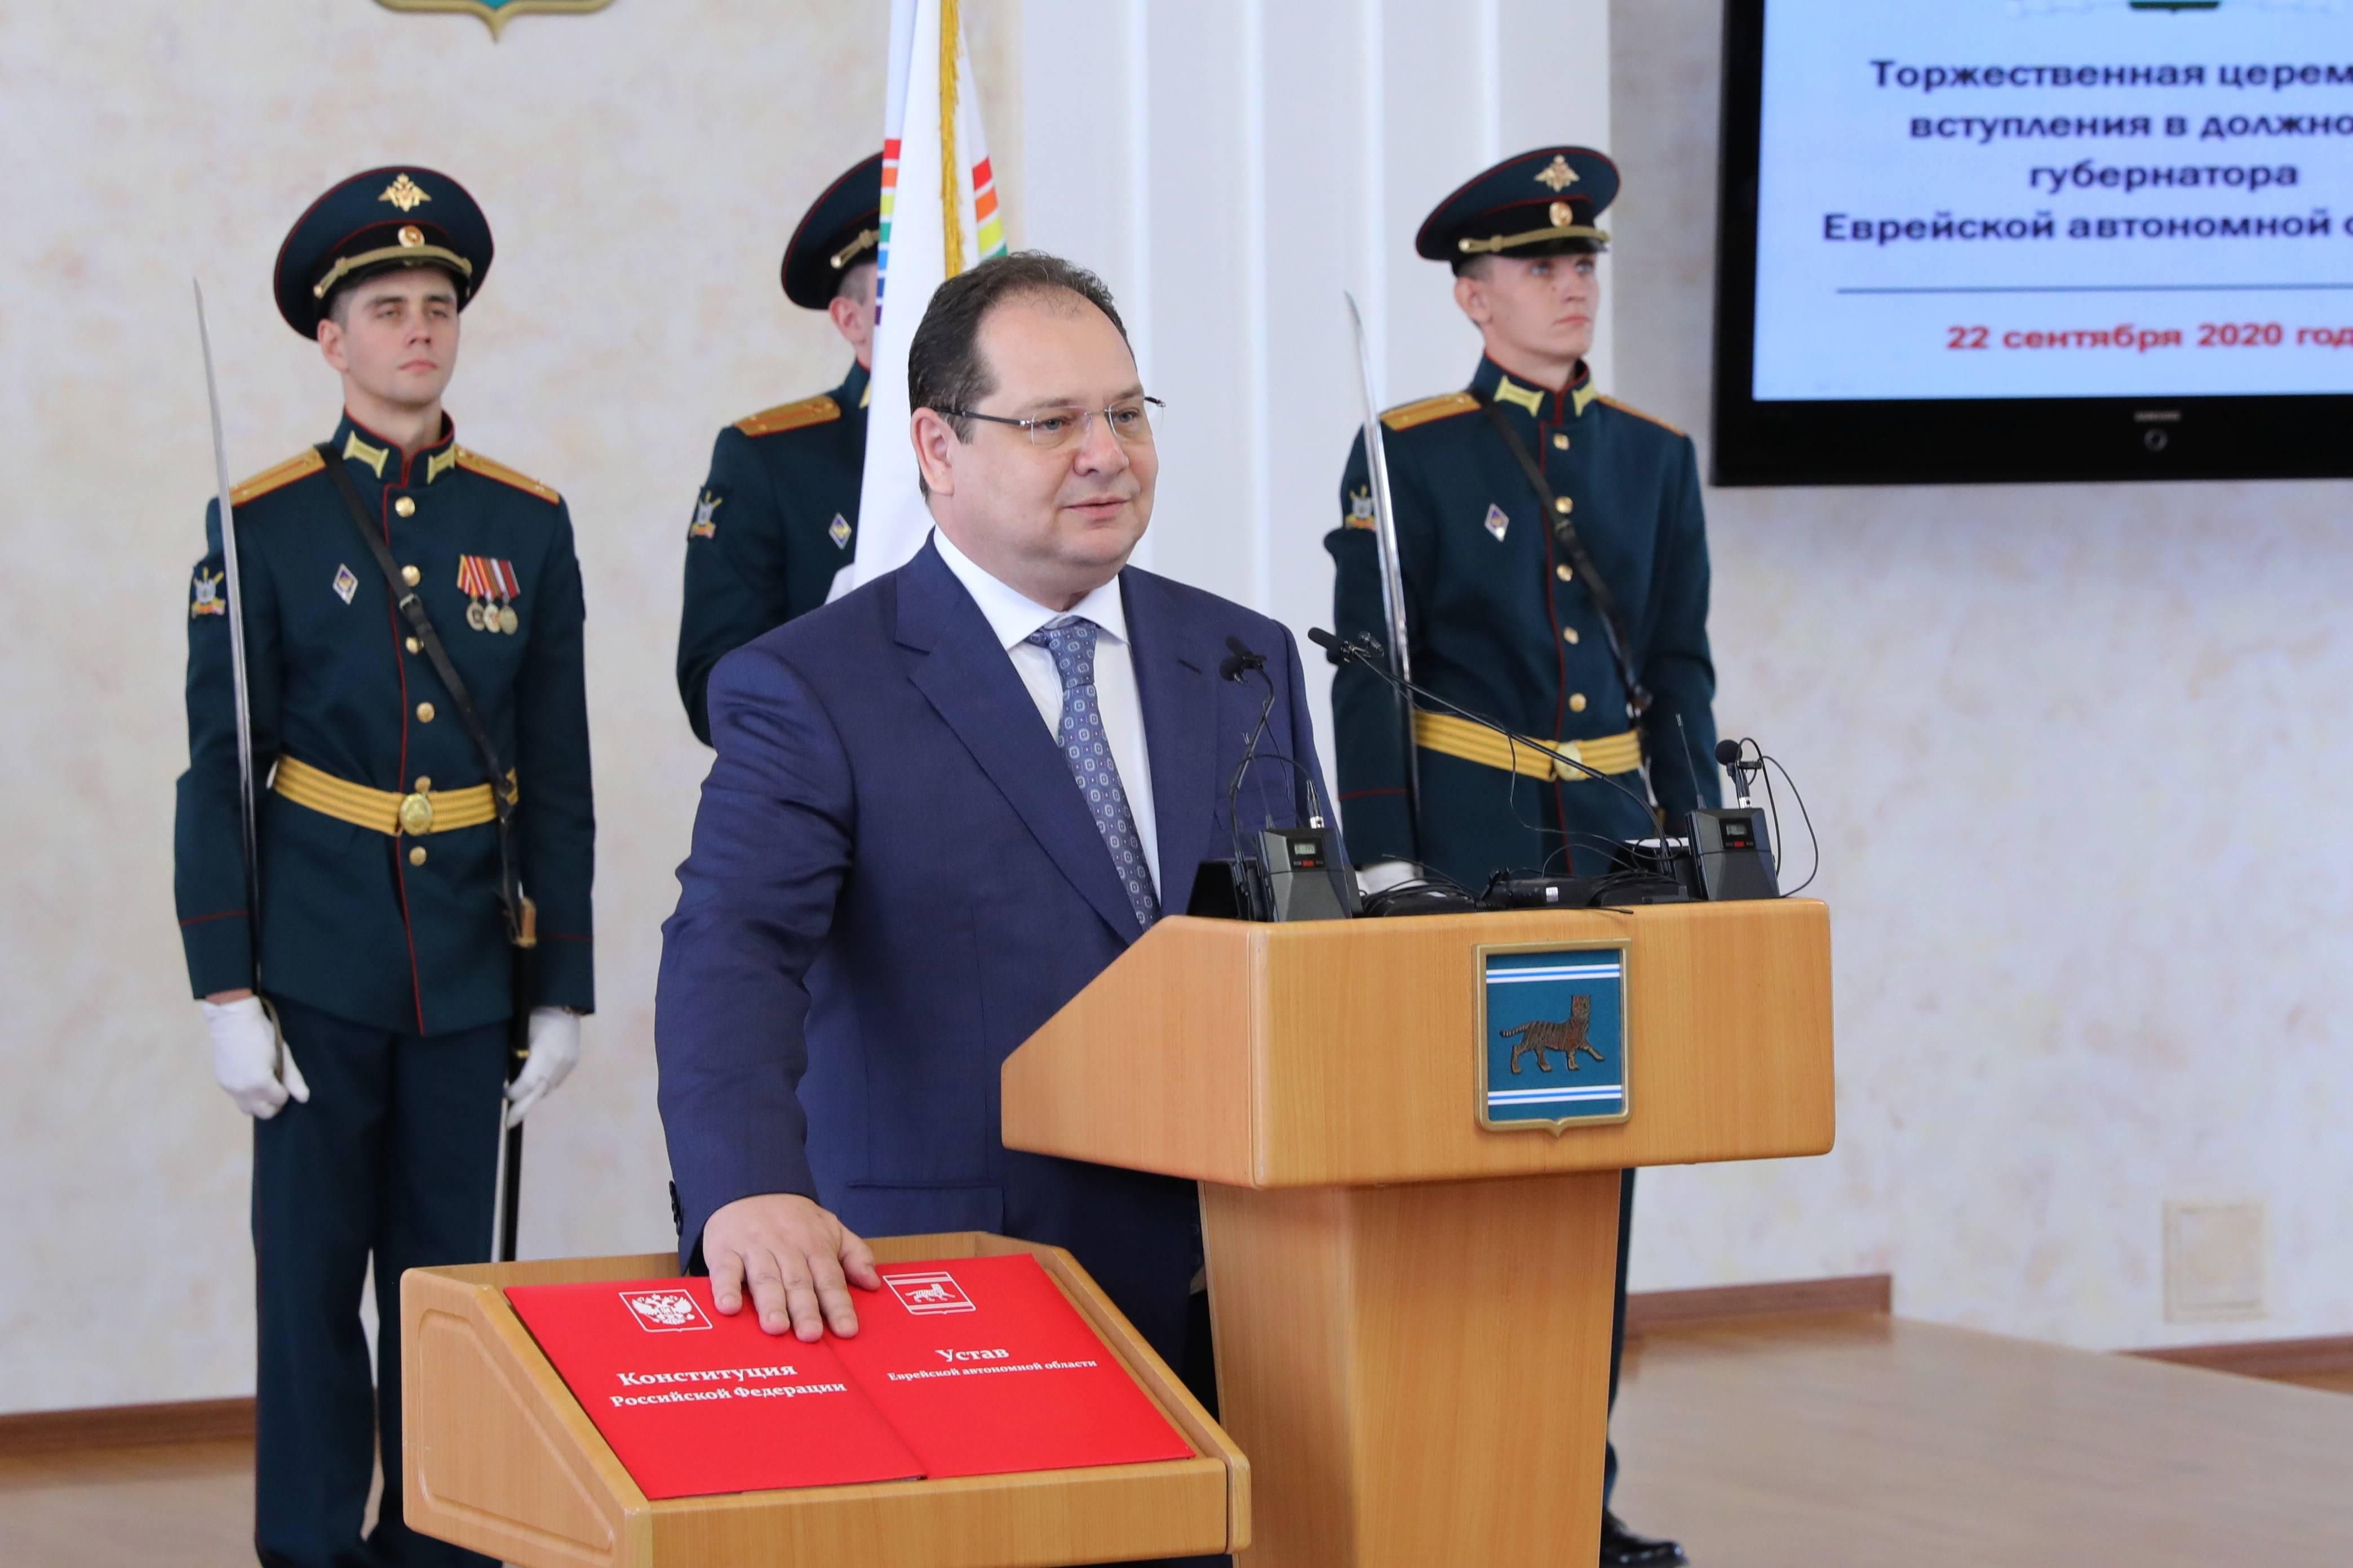 Уроженец Тверской области стал губернатором Еврейской автономии - новости Афанасий